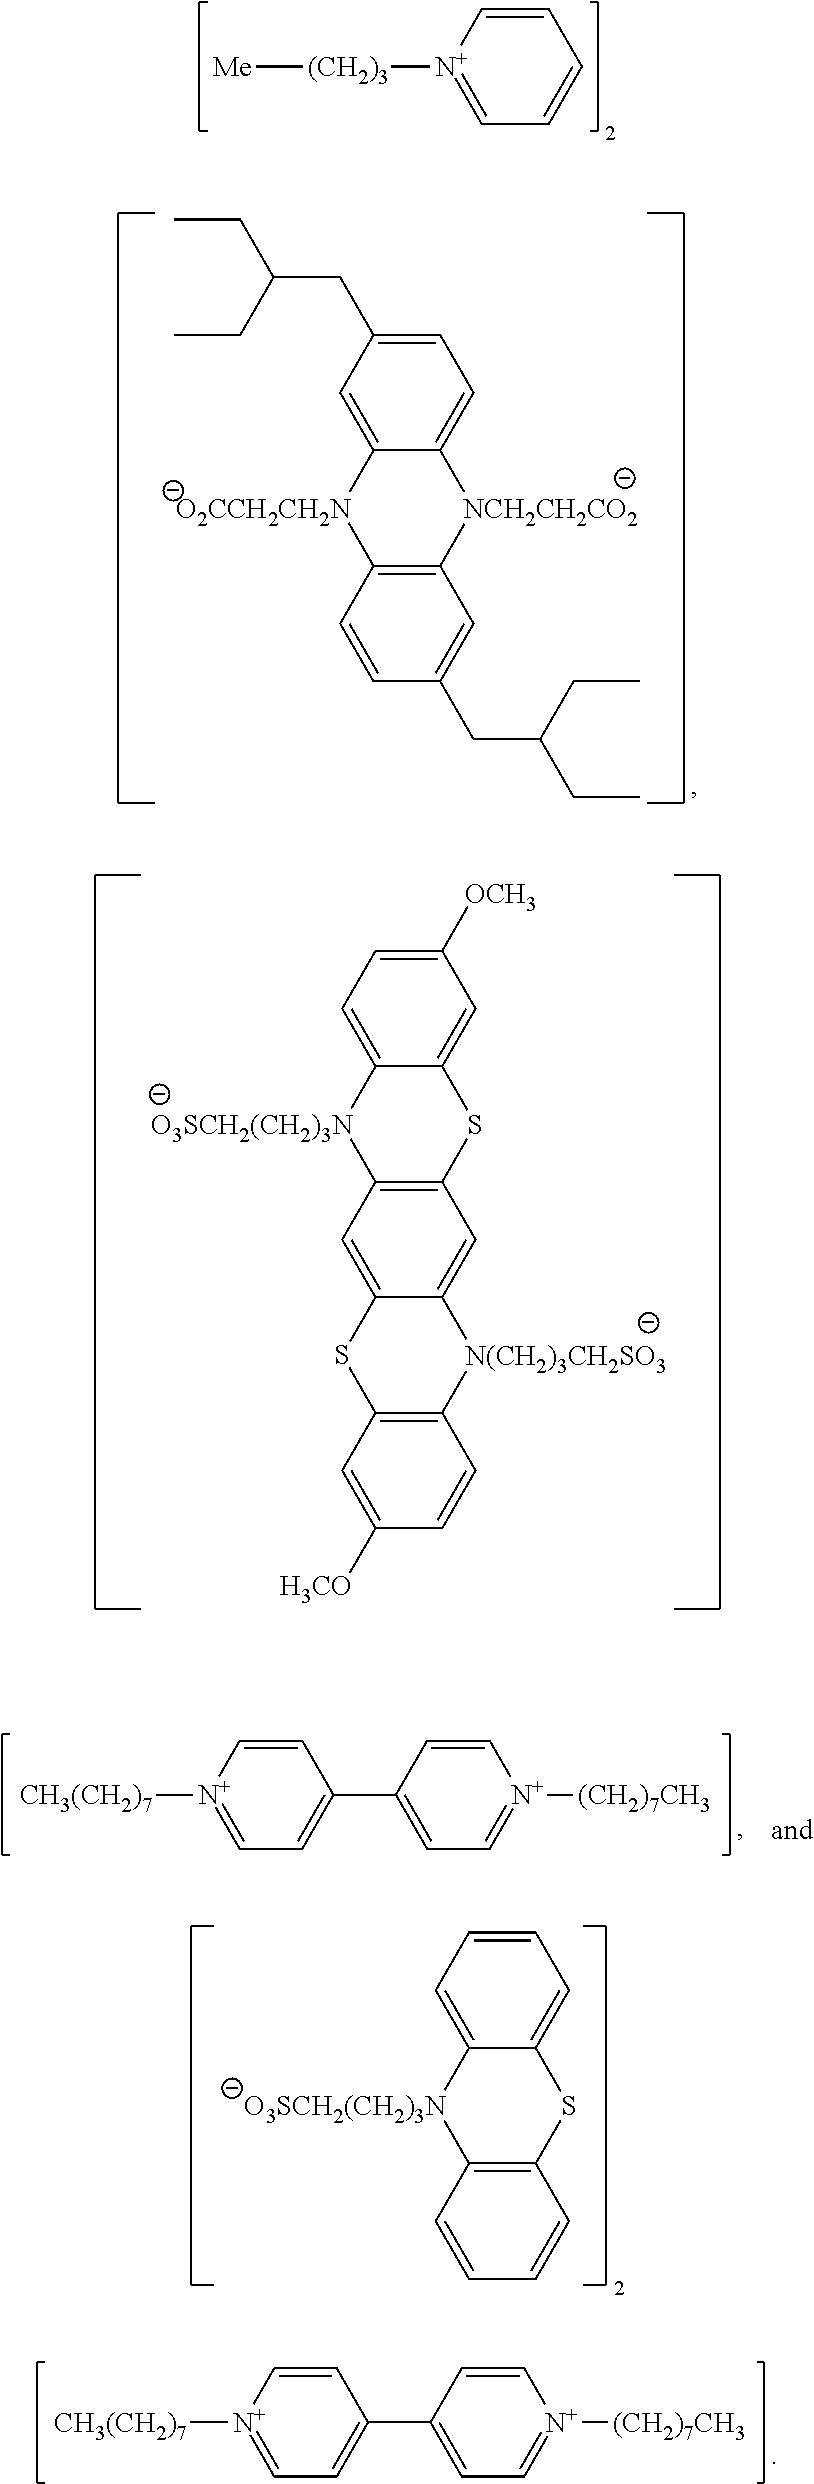 Figure US09939701-20180410-C00019